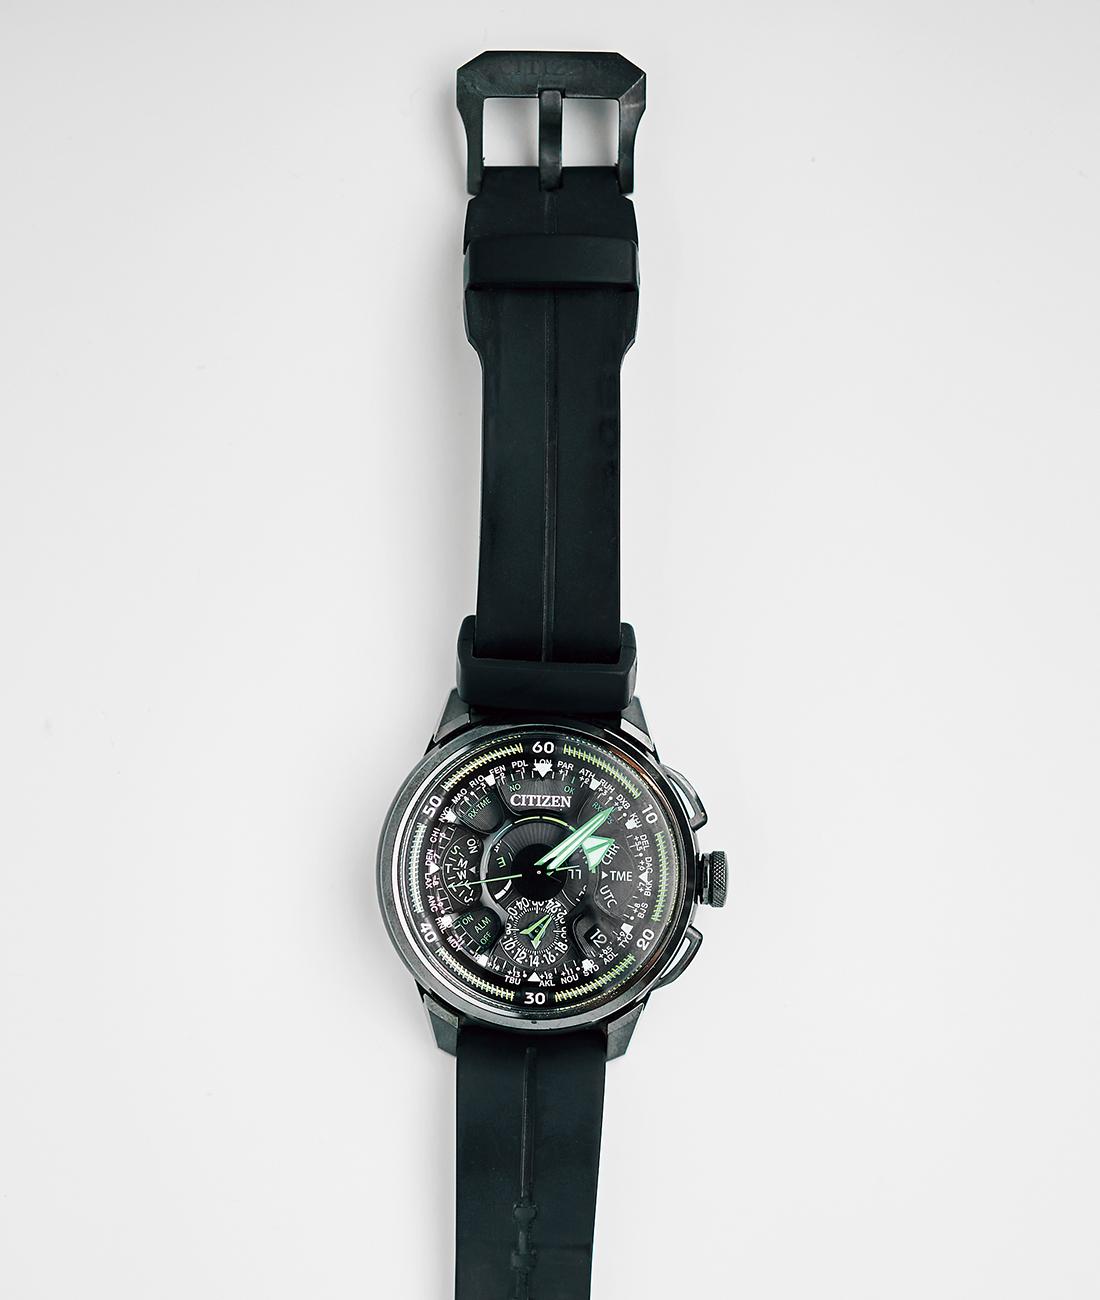 海外出張の際に愛用するシチズンの時計